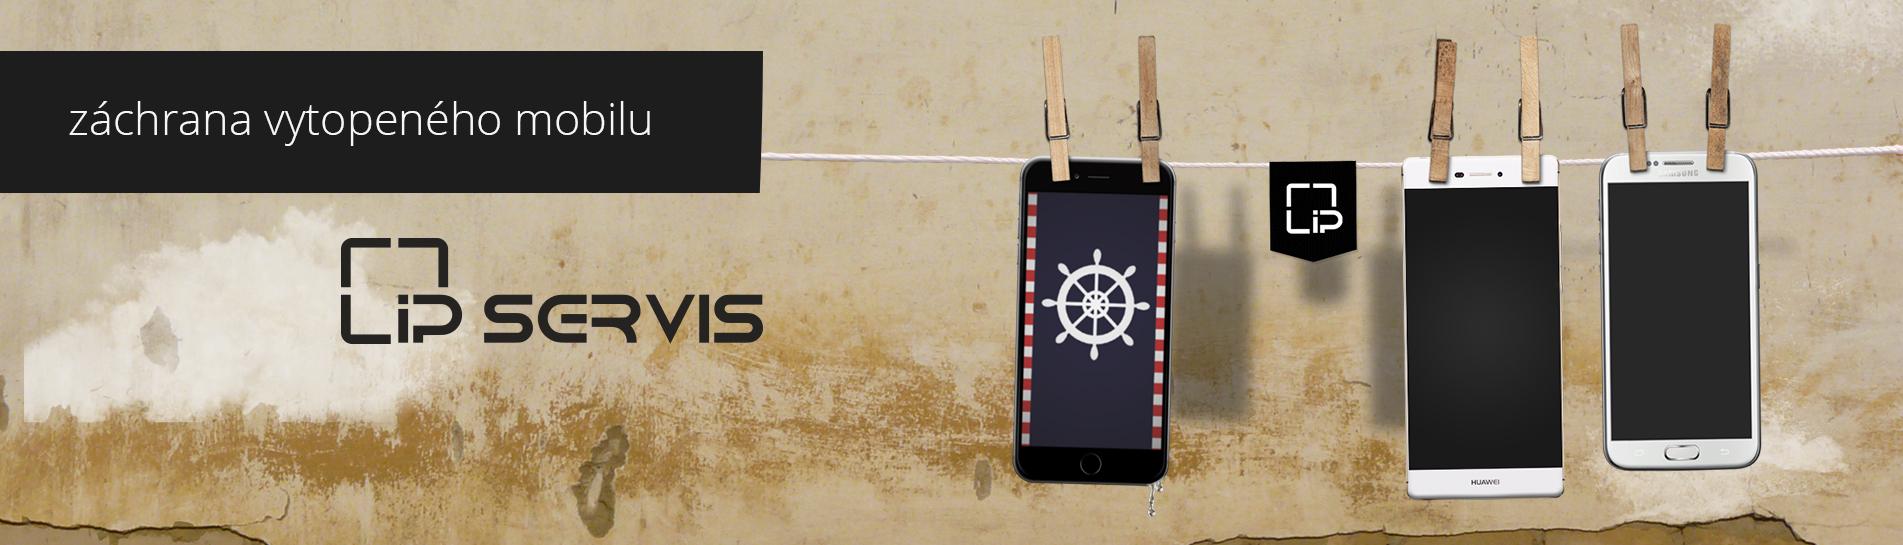 vytopený mobil